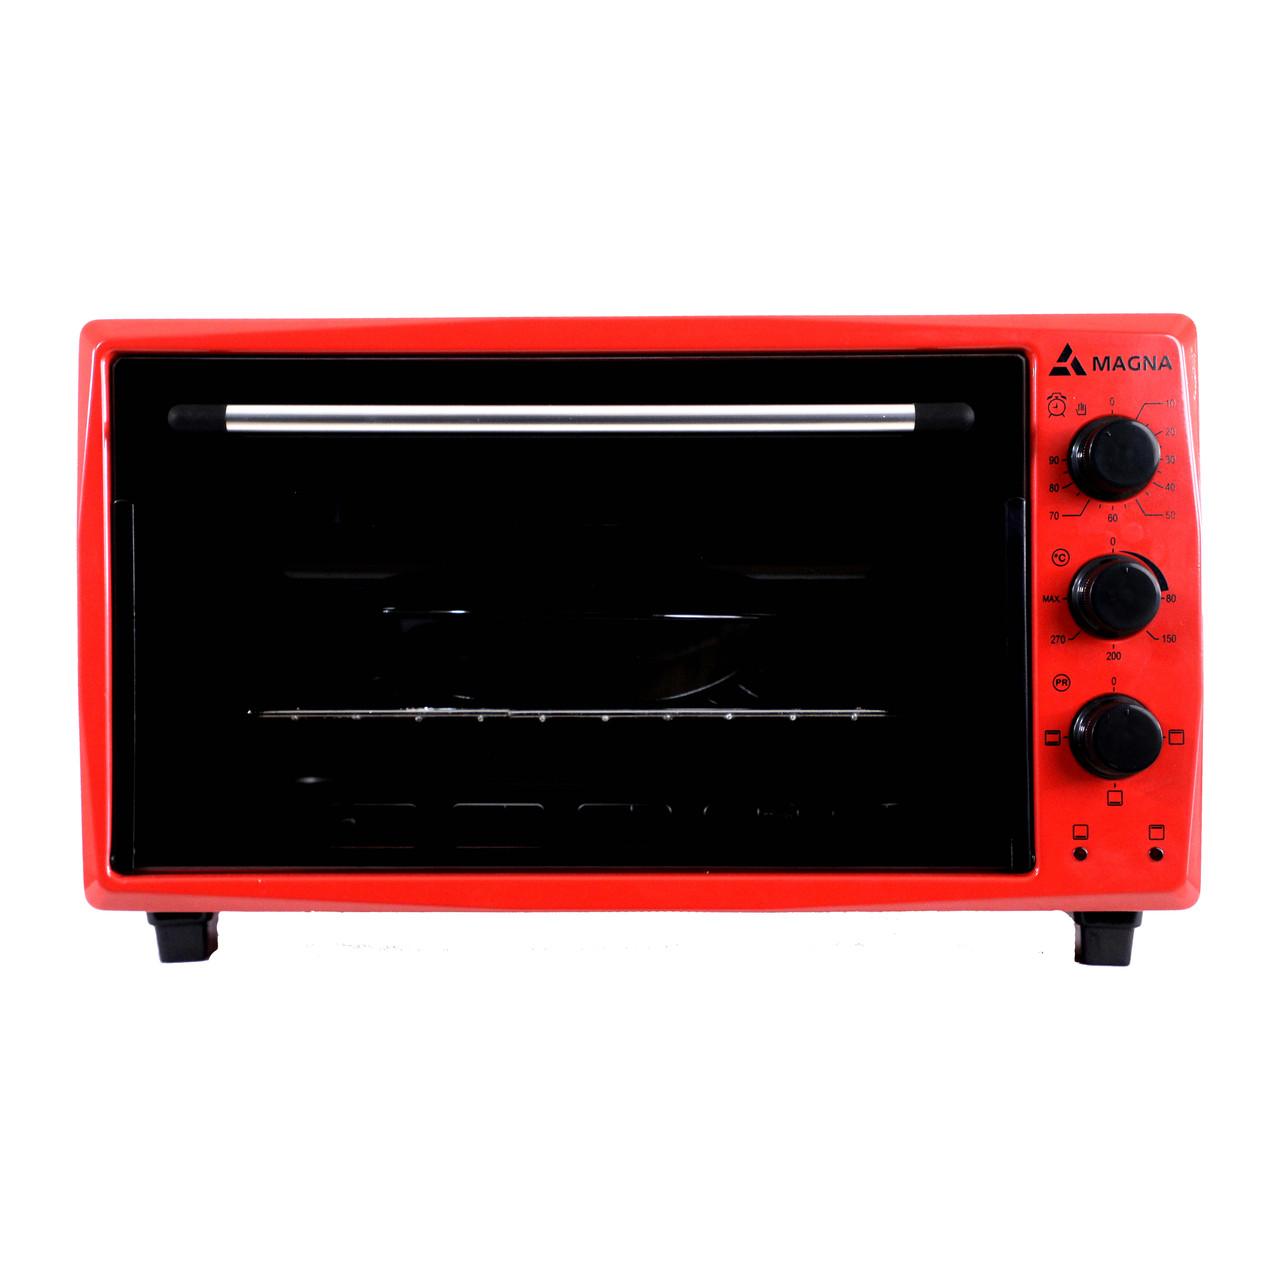 Мини печь Magna MF3615-14RD красный